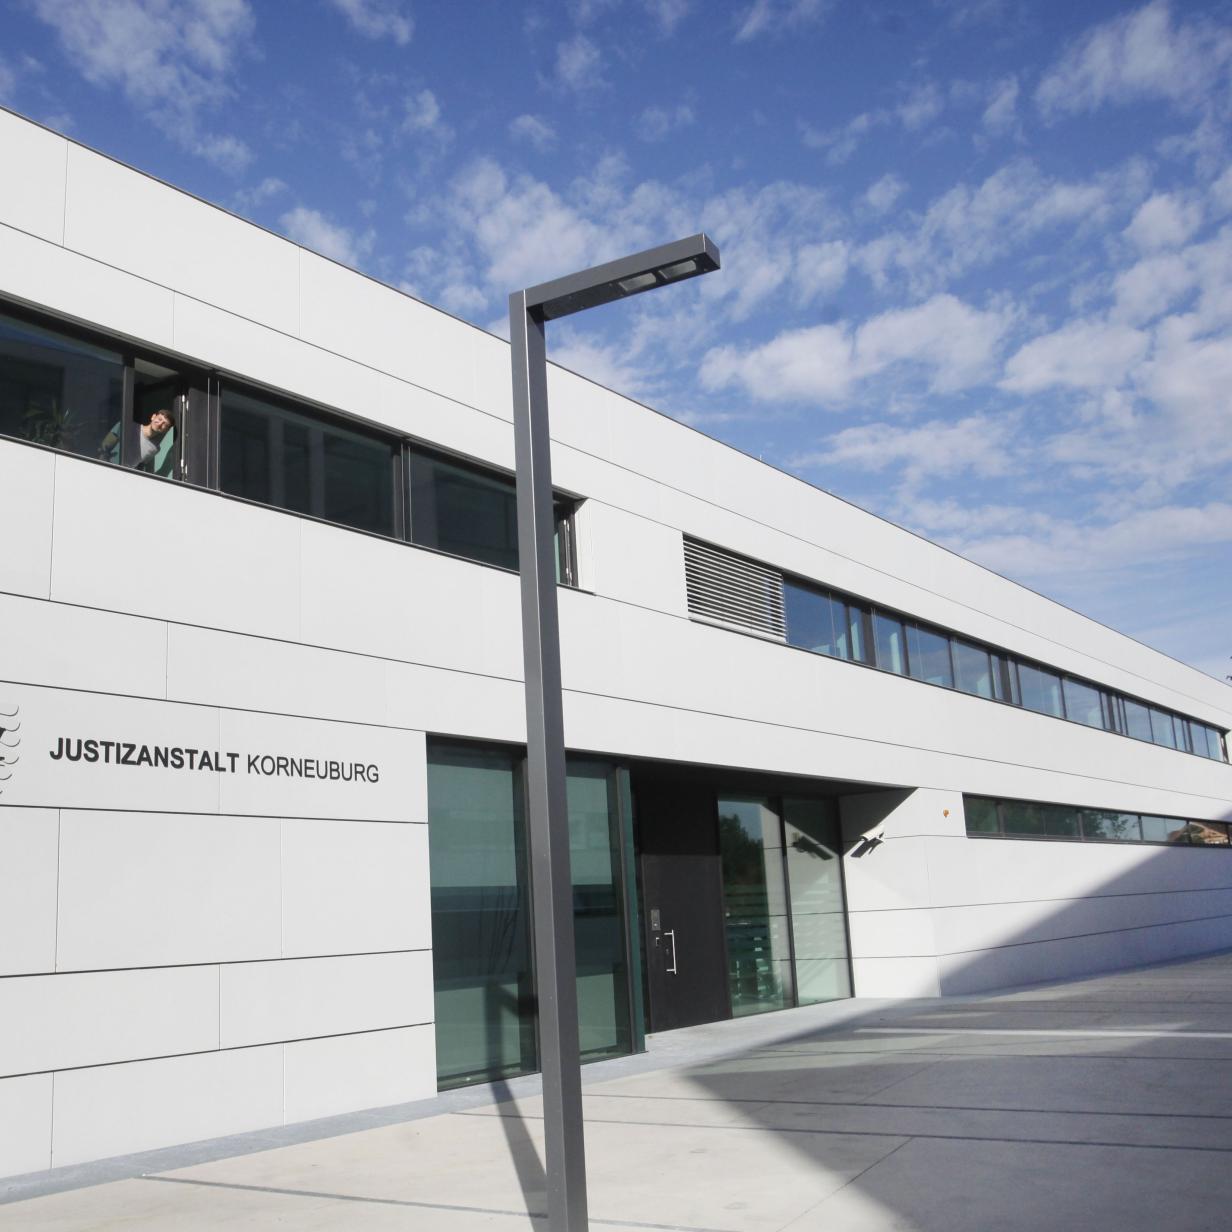 Bekanntschaften in Korneuburg - Partnersuche & Kontakte